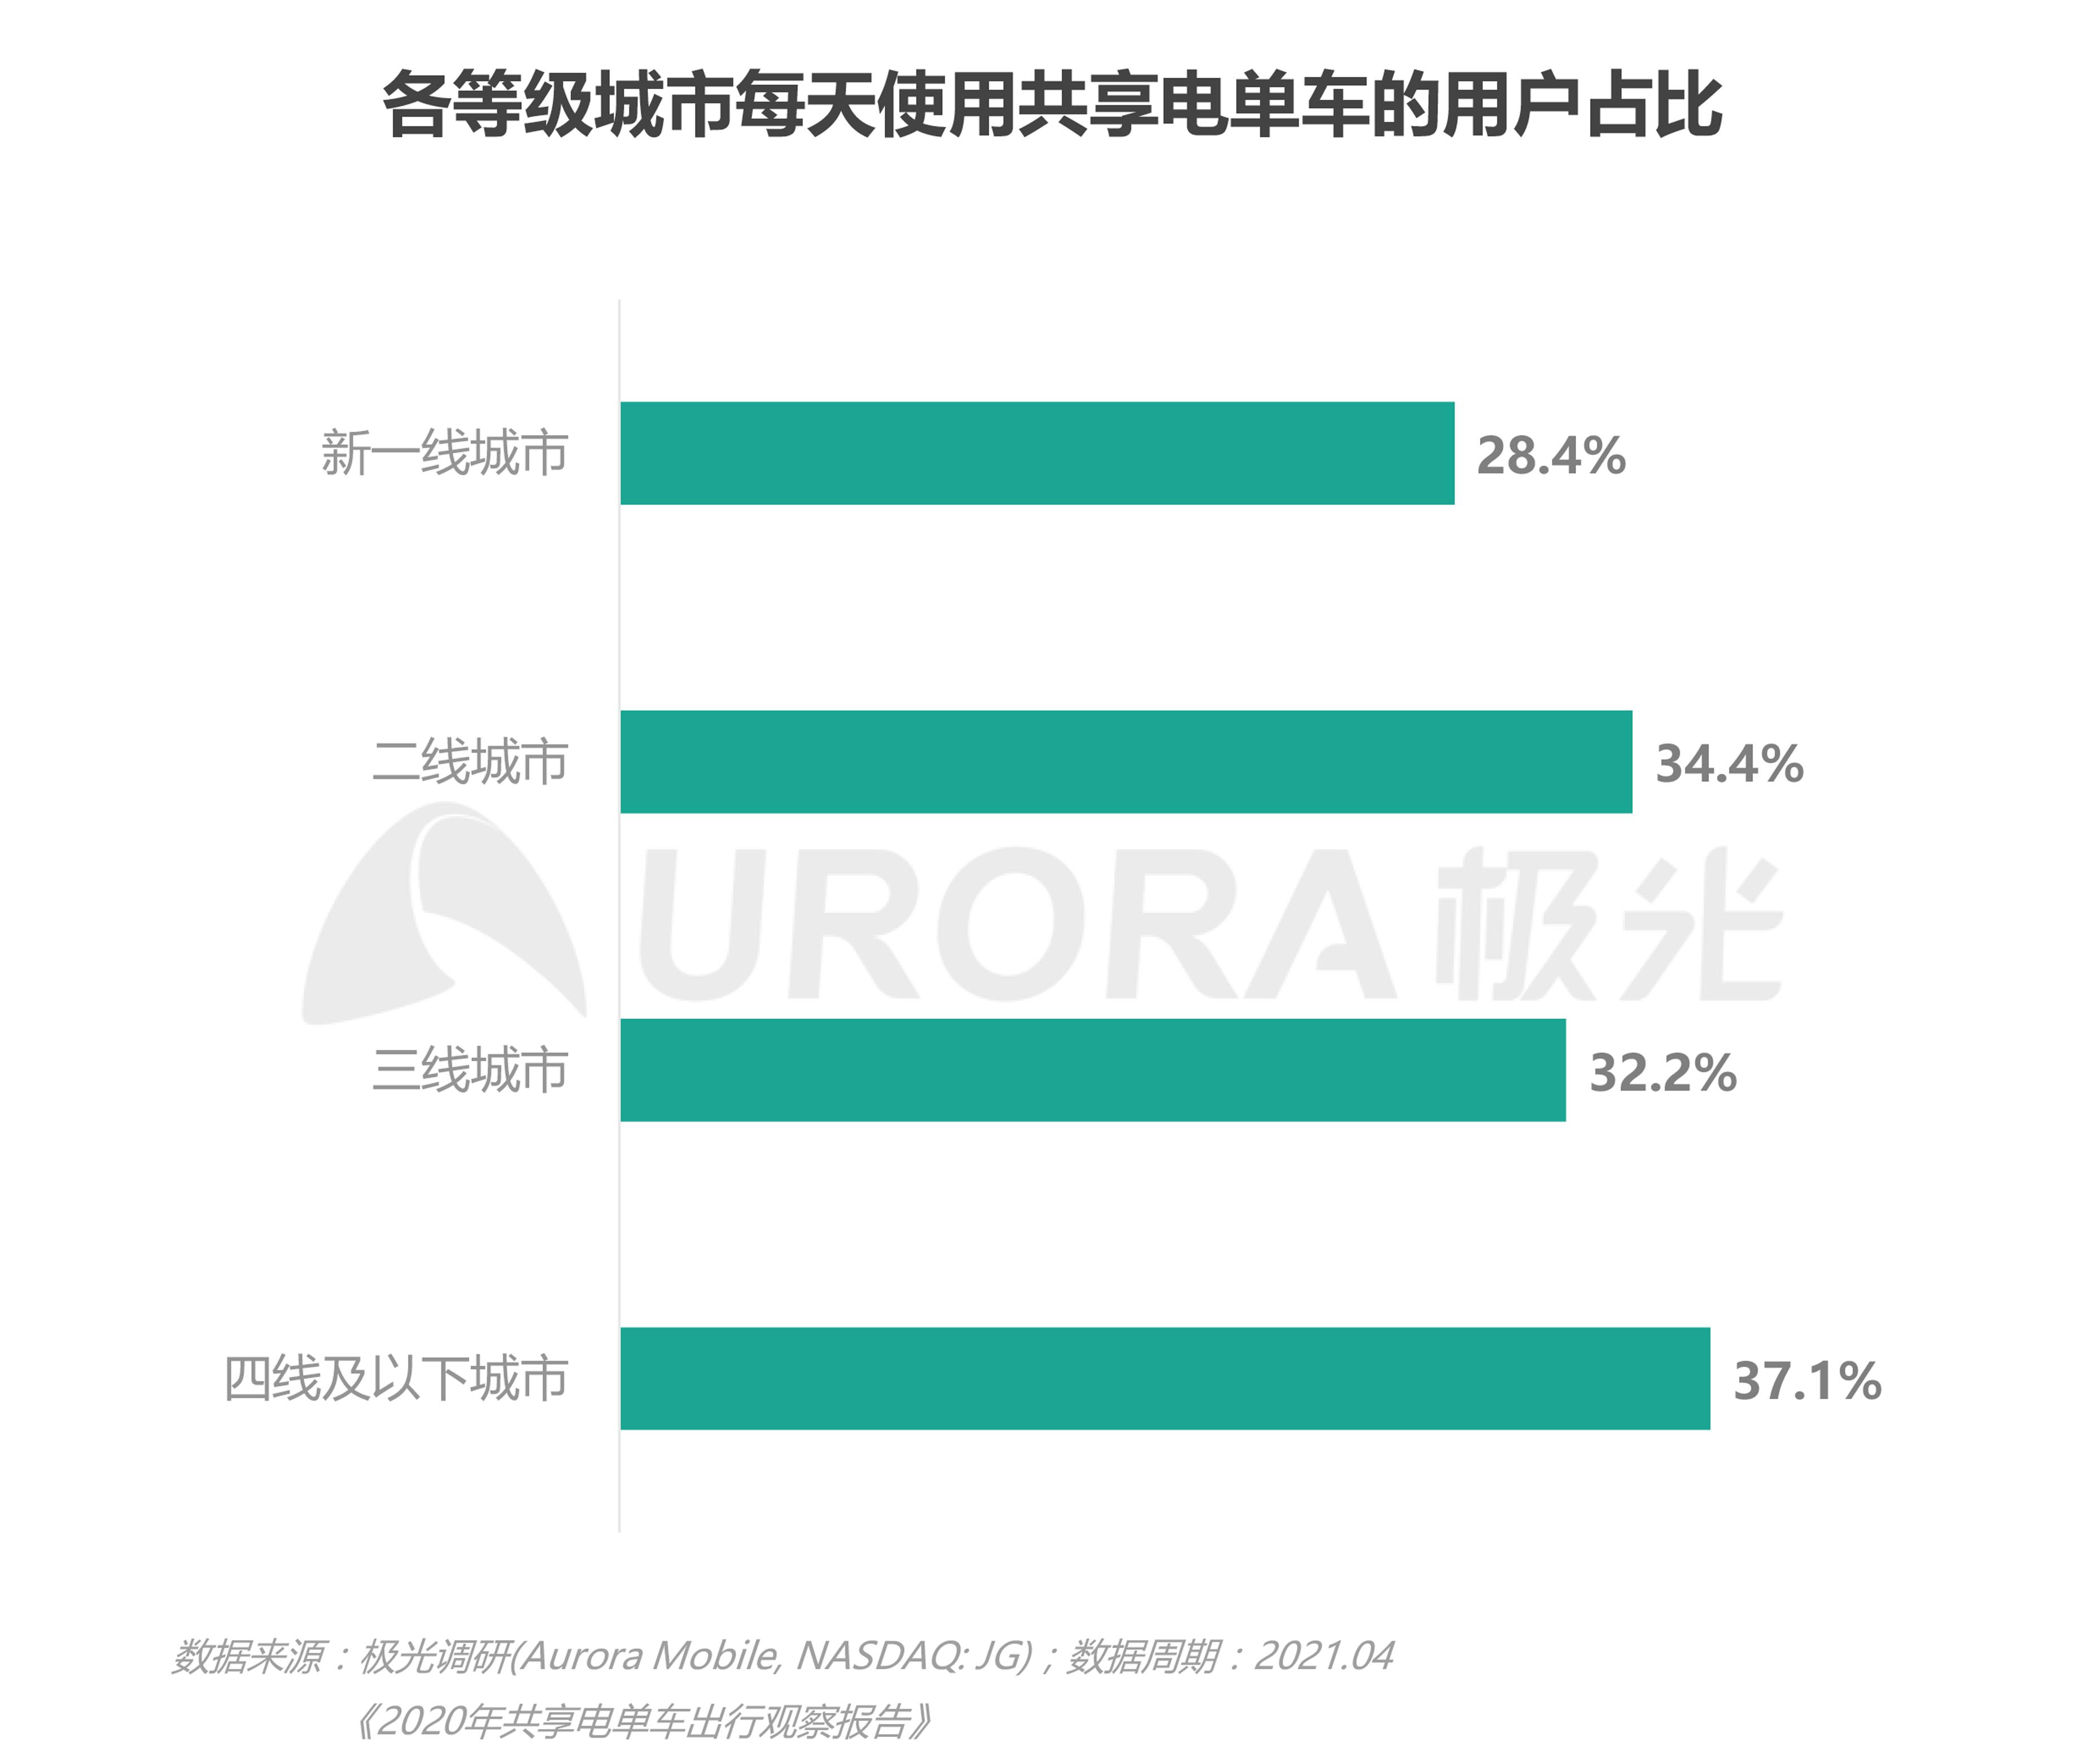 JIGUANG-共享电单车社会价值研究报告_0528(终版)-24.png